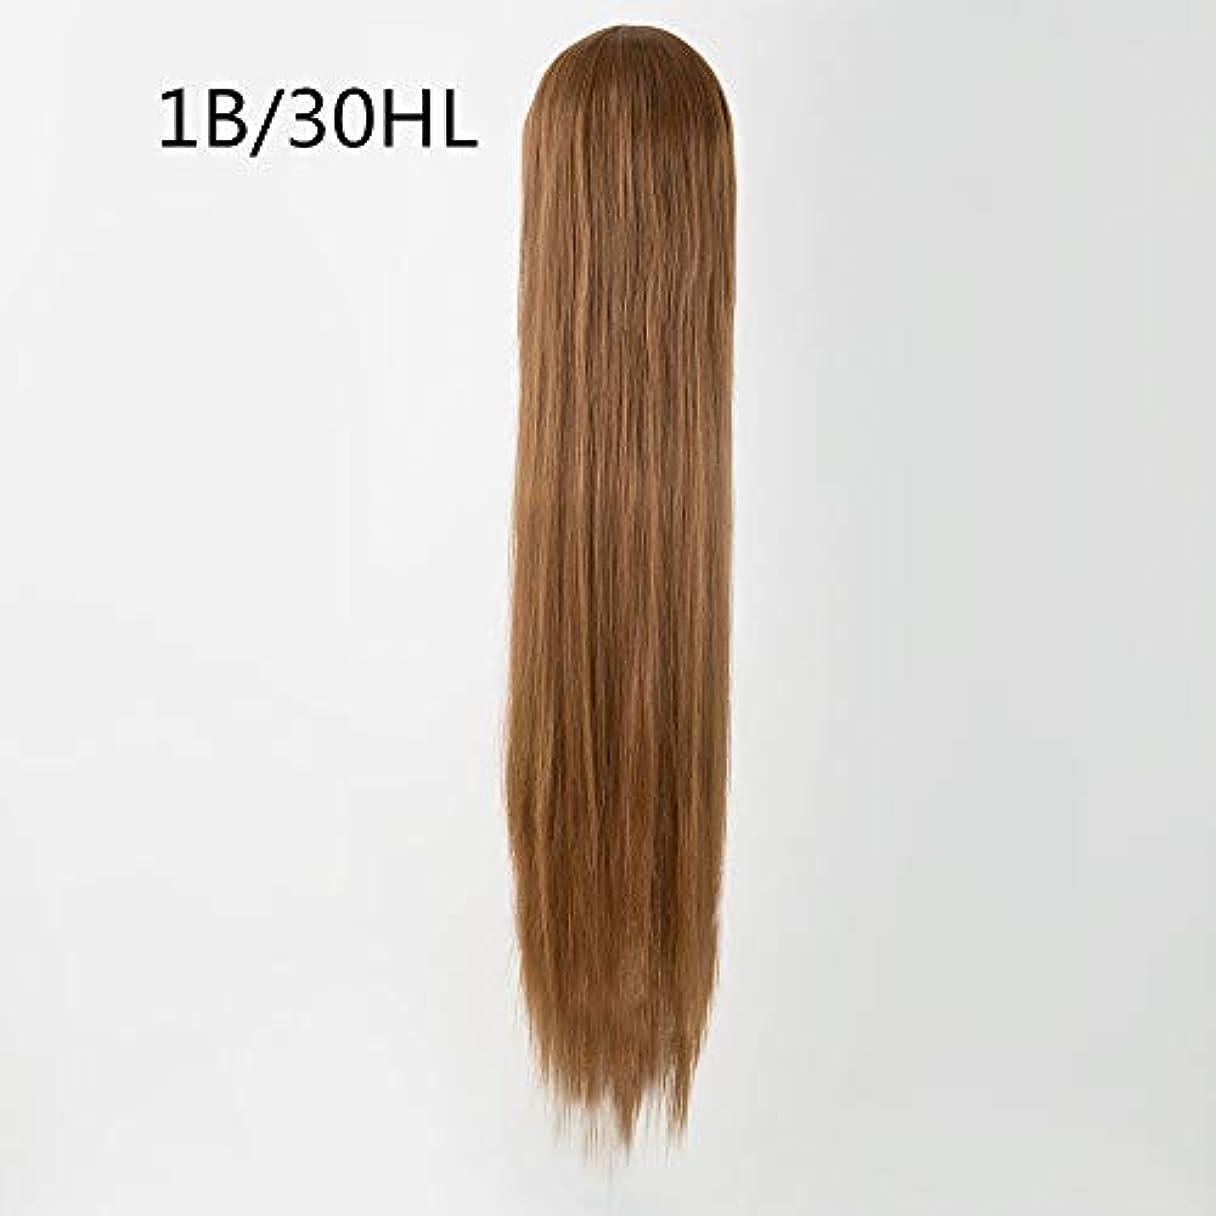 統合する貨物上級BeTTi 黒かつら100センチ/ 40インチ合成耐熱繊維ロングハロウィーンカーニバル衣装コスプレストレート女性の髪 (Color : 1B/30HL, Stretched Length : 38inches)